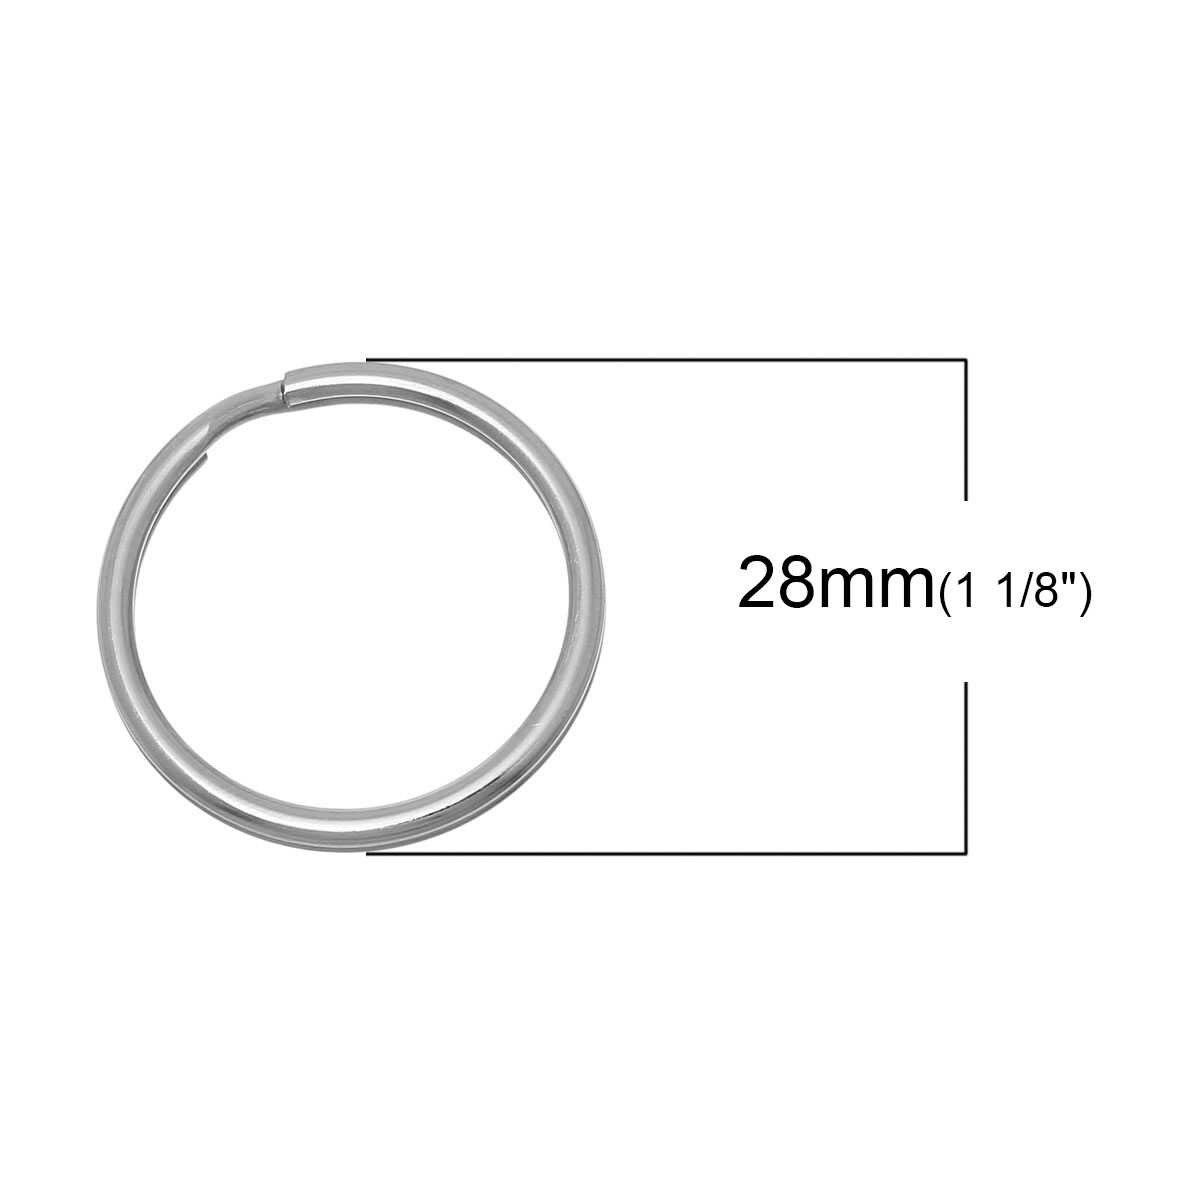 """DoreenBeads Chaveiros Chave Anéis Tom de Prata Redonda de Aço Inoxidável de 28mm (1 1/8 """") de Diâmetro, 1 Peça 2017 novo"""